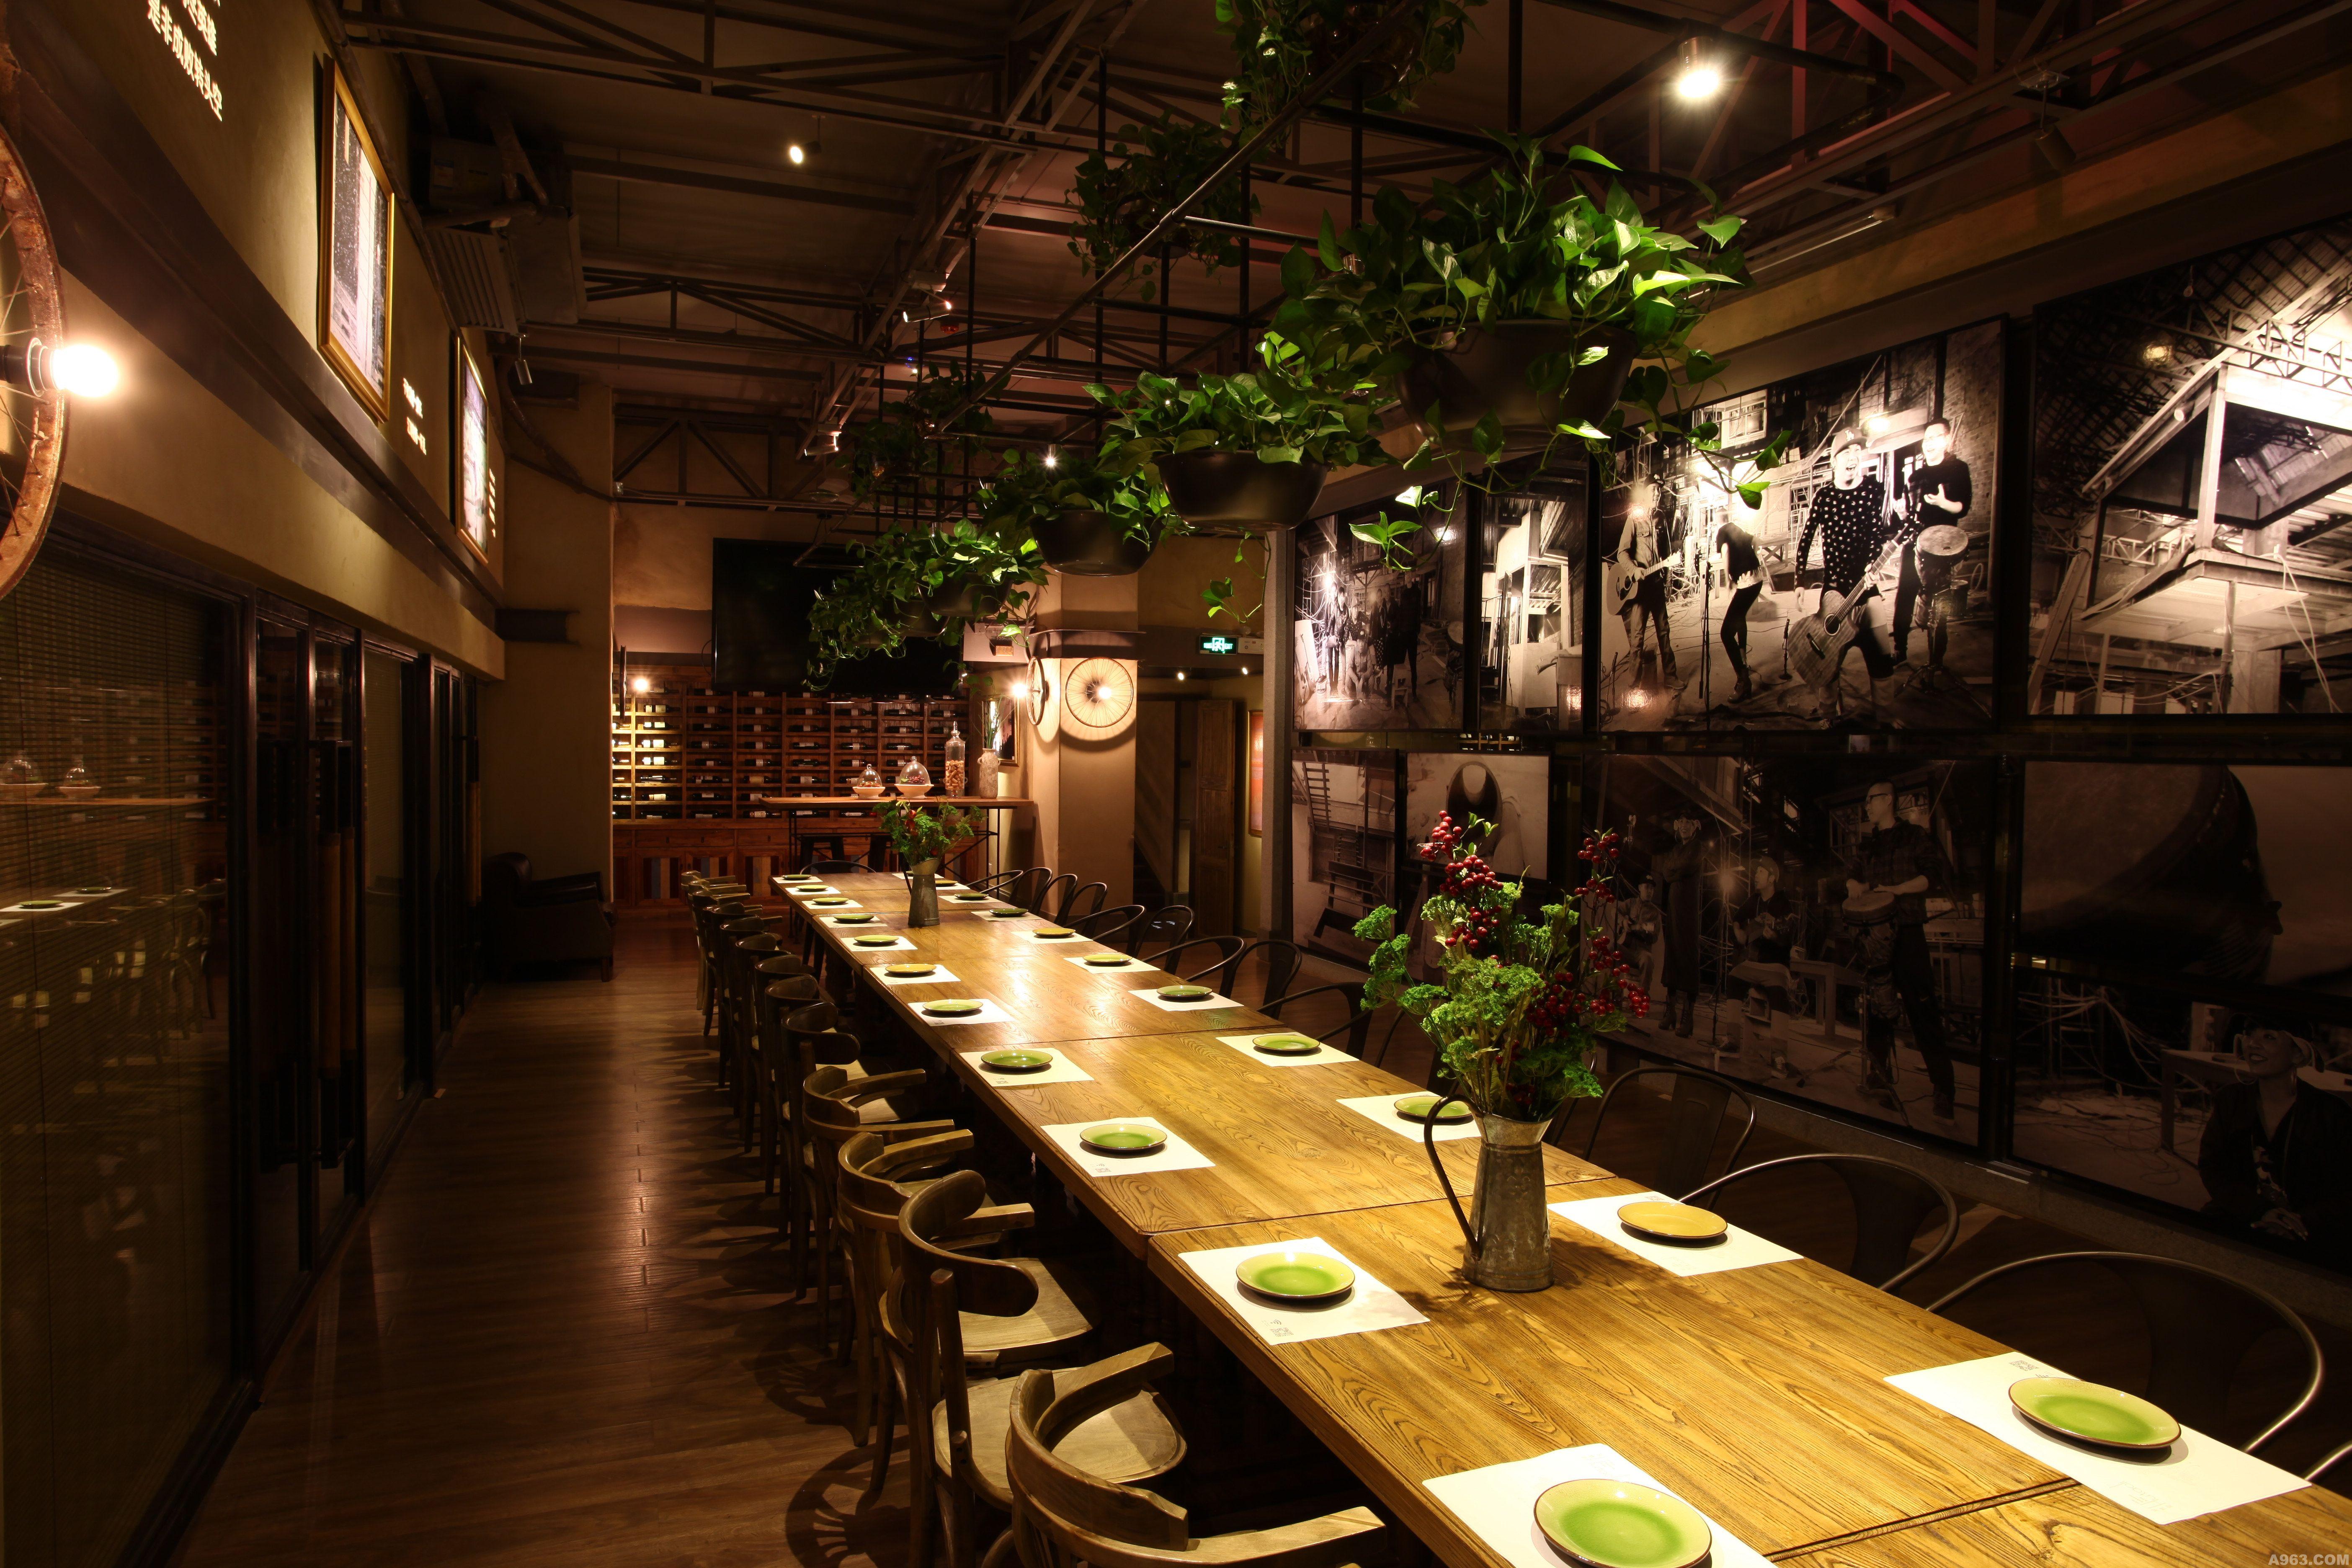 胡桃里音乐餐厅 - 餐饮空间 - 第11页 - 广州合壹设计